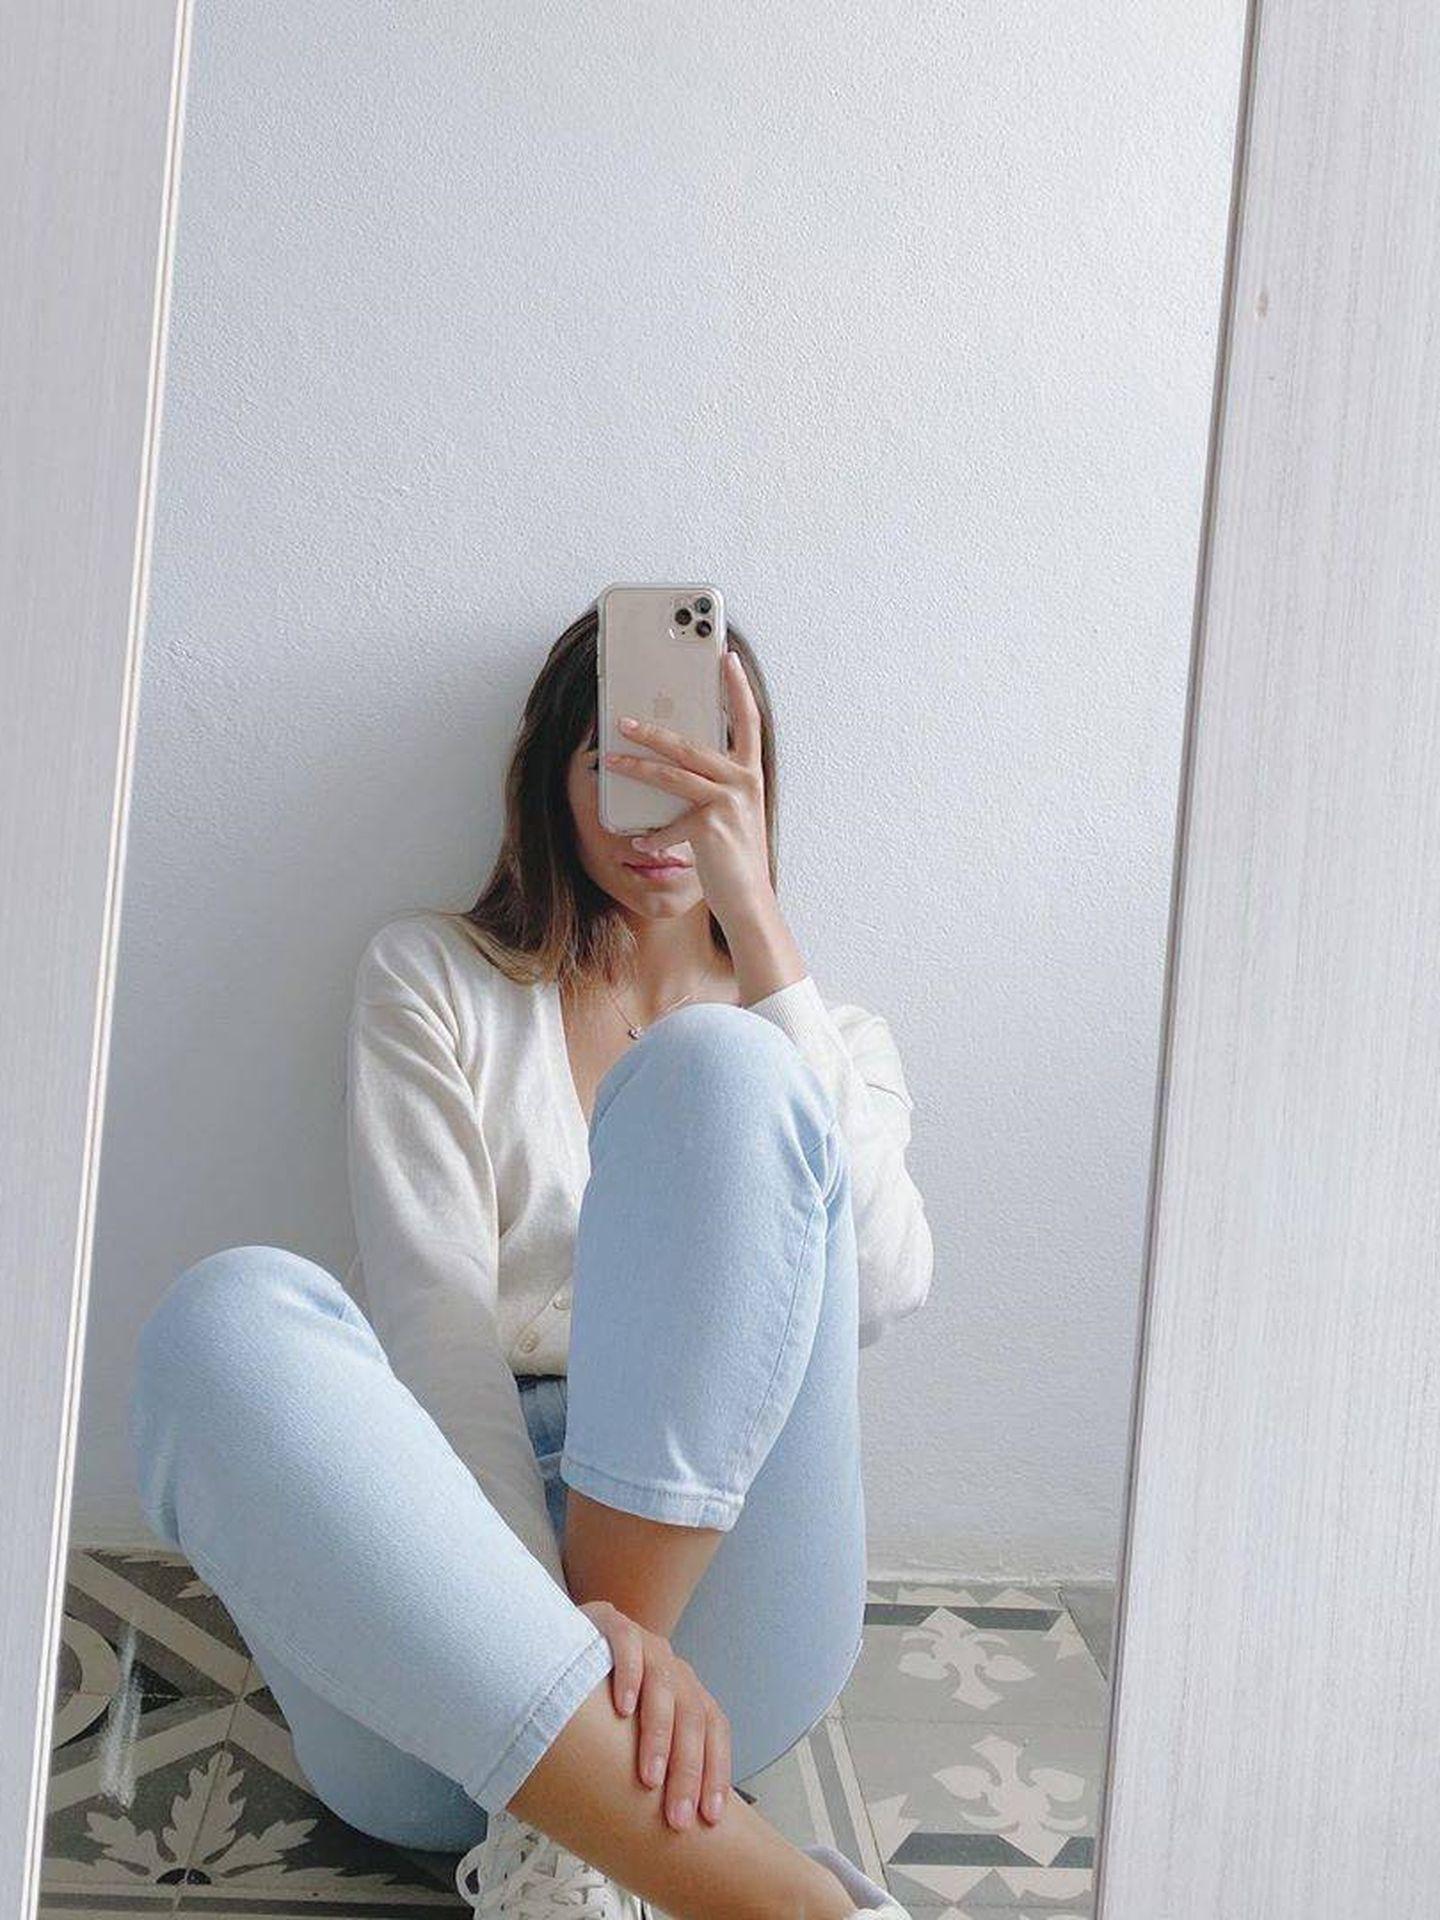 Un selfie de Aitana frente al espejo con el pantalón vaquero de Stradivarius. (Instagram)